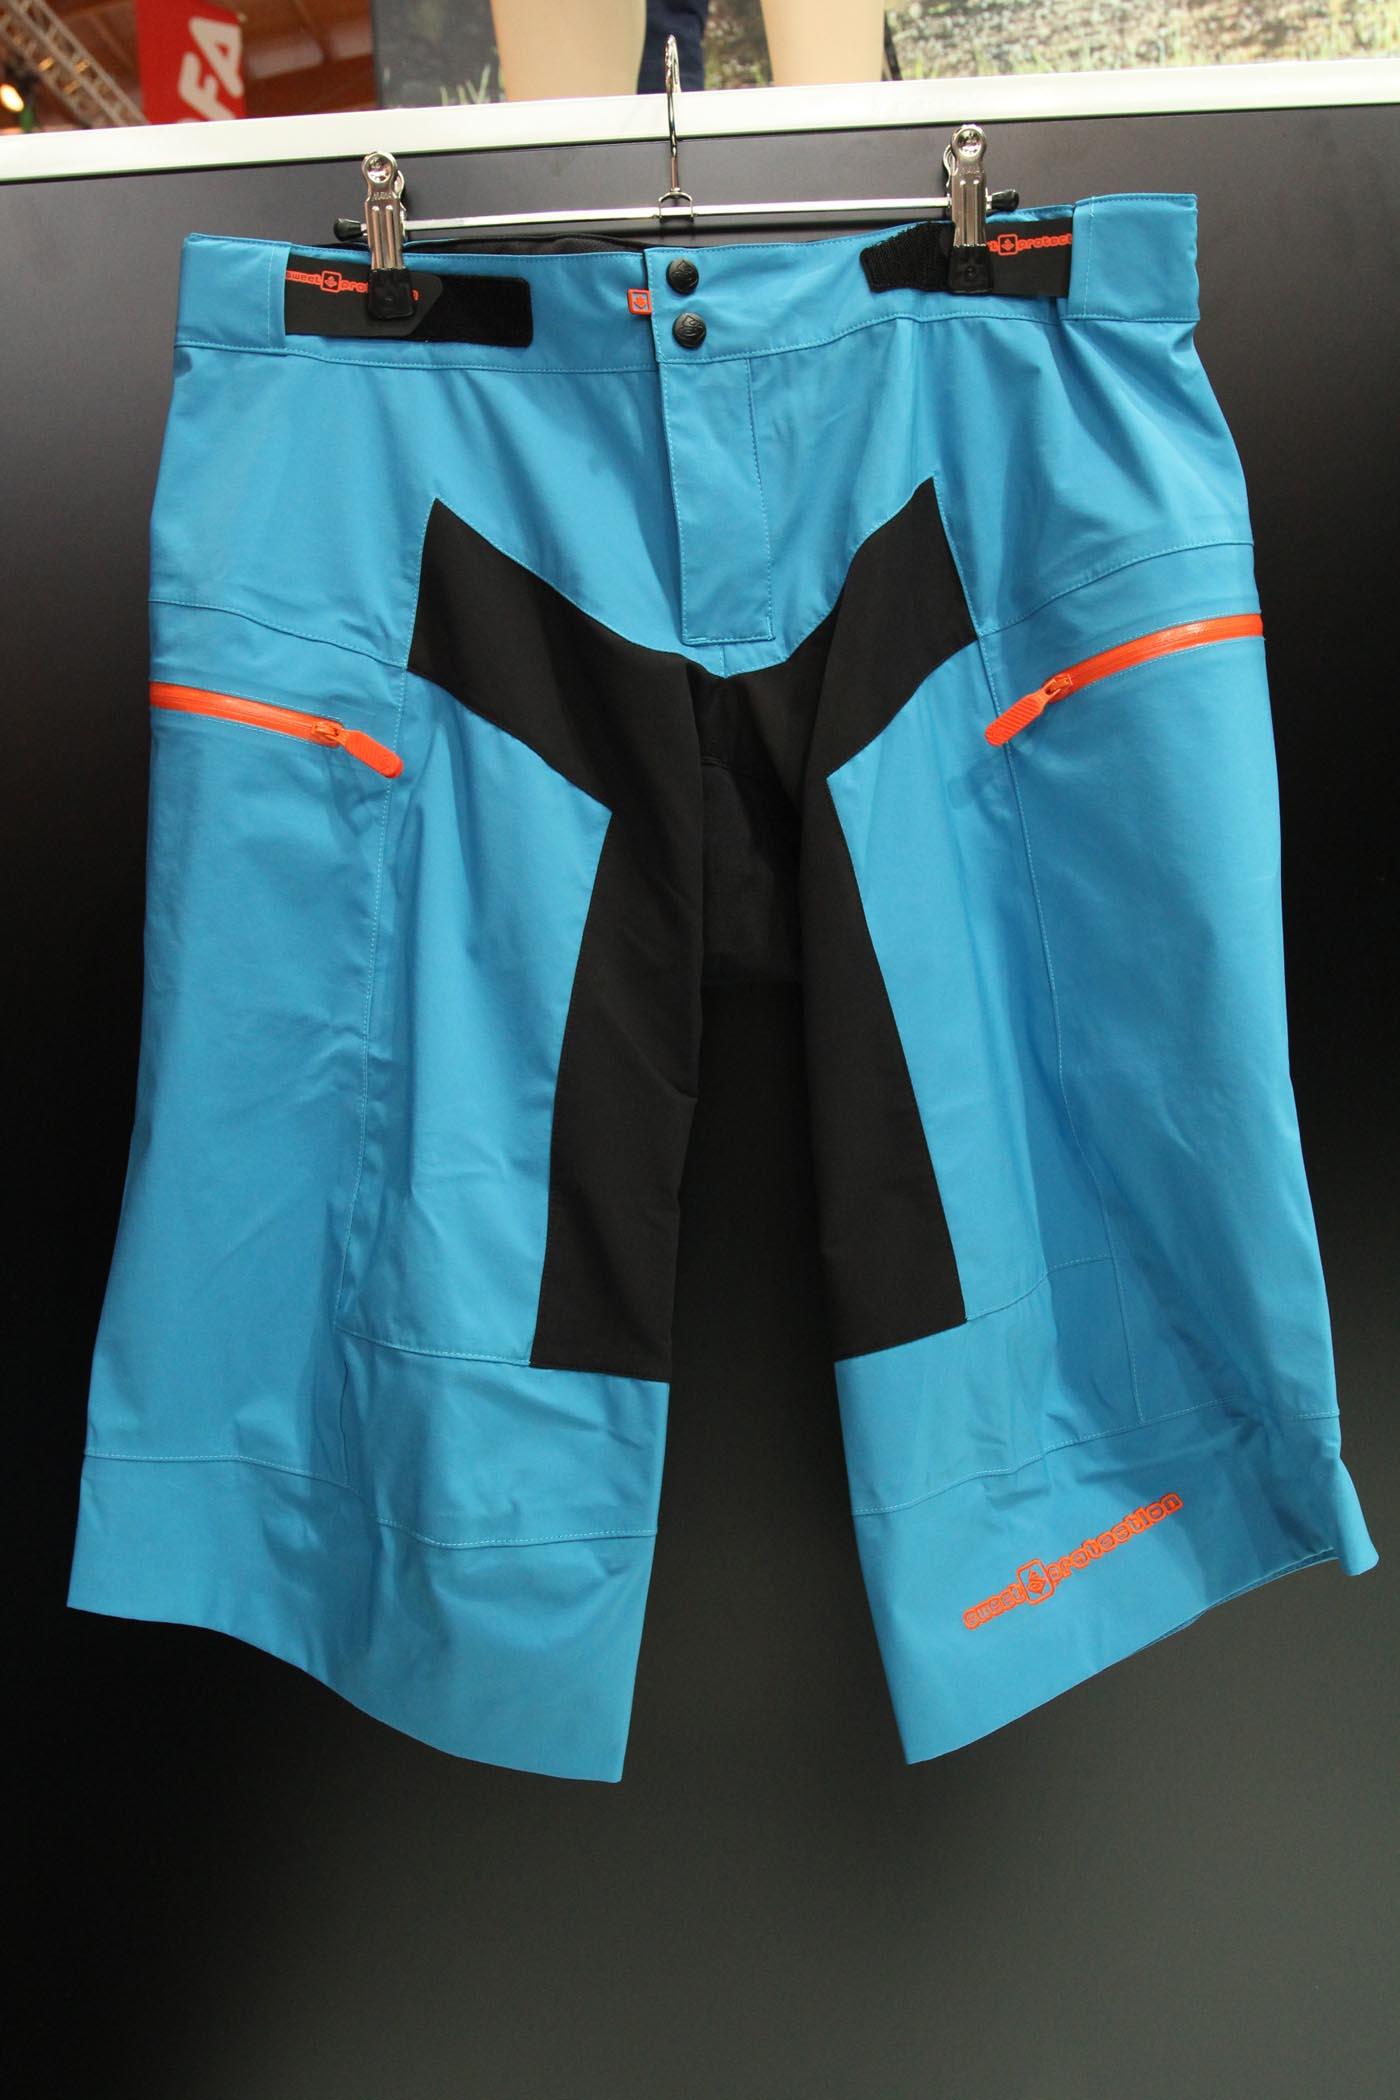 Mudride Shorts von Sweet: an den entscheidenden Stellen wasserdicht und komplett verschweißt, so dass einer Tour in Regen und Matsch nichts mehr im Wege stehen sollte.